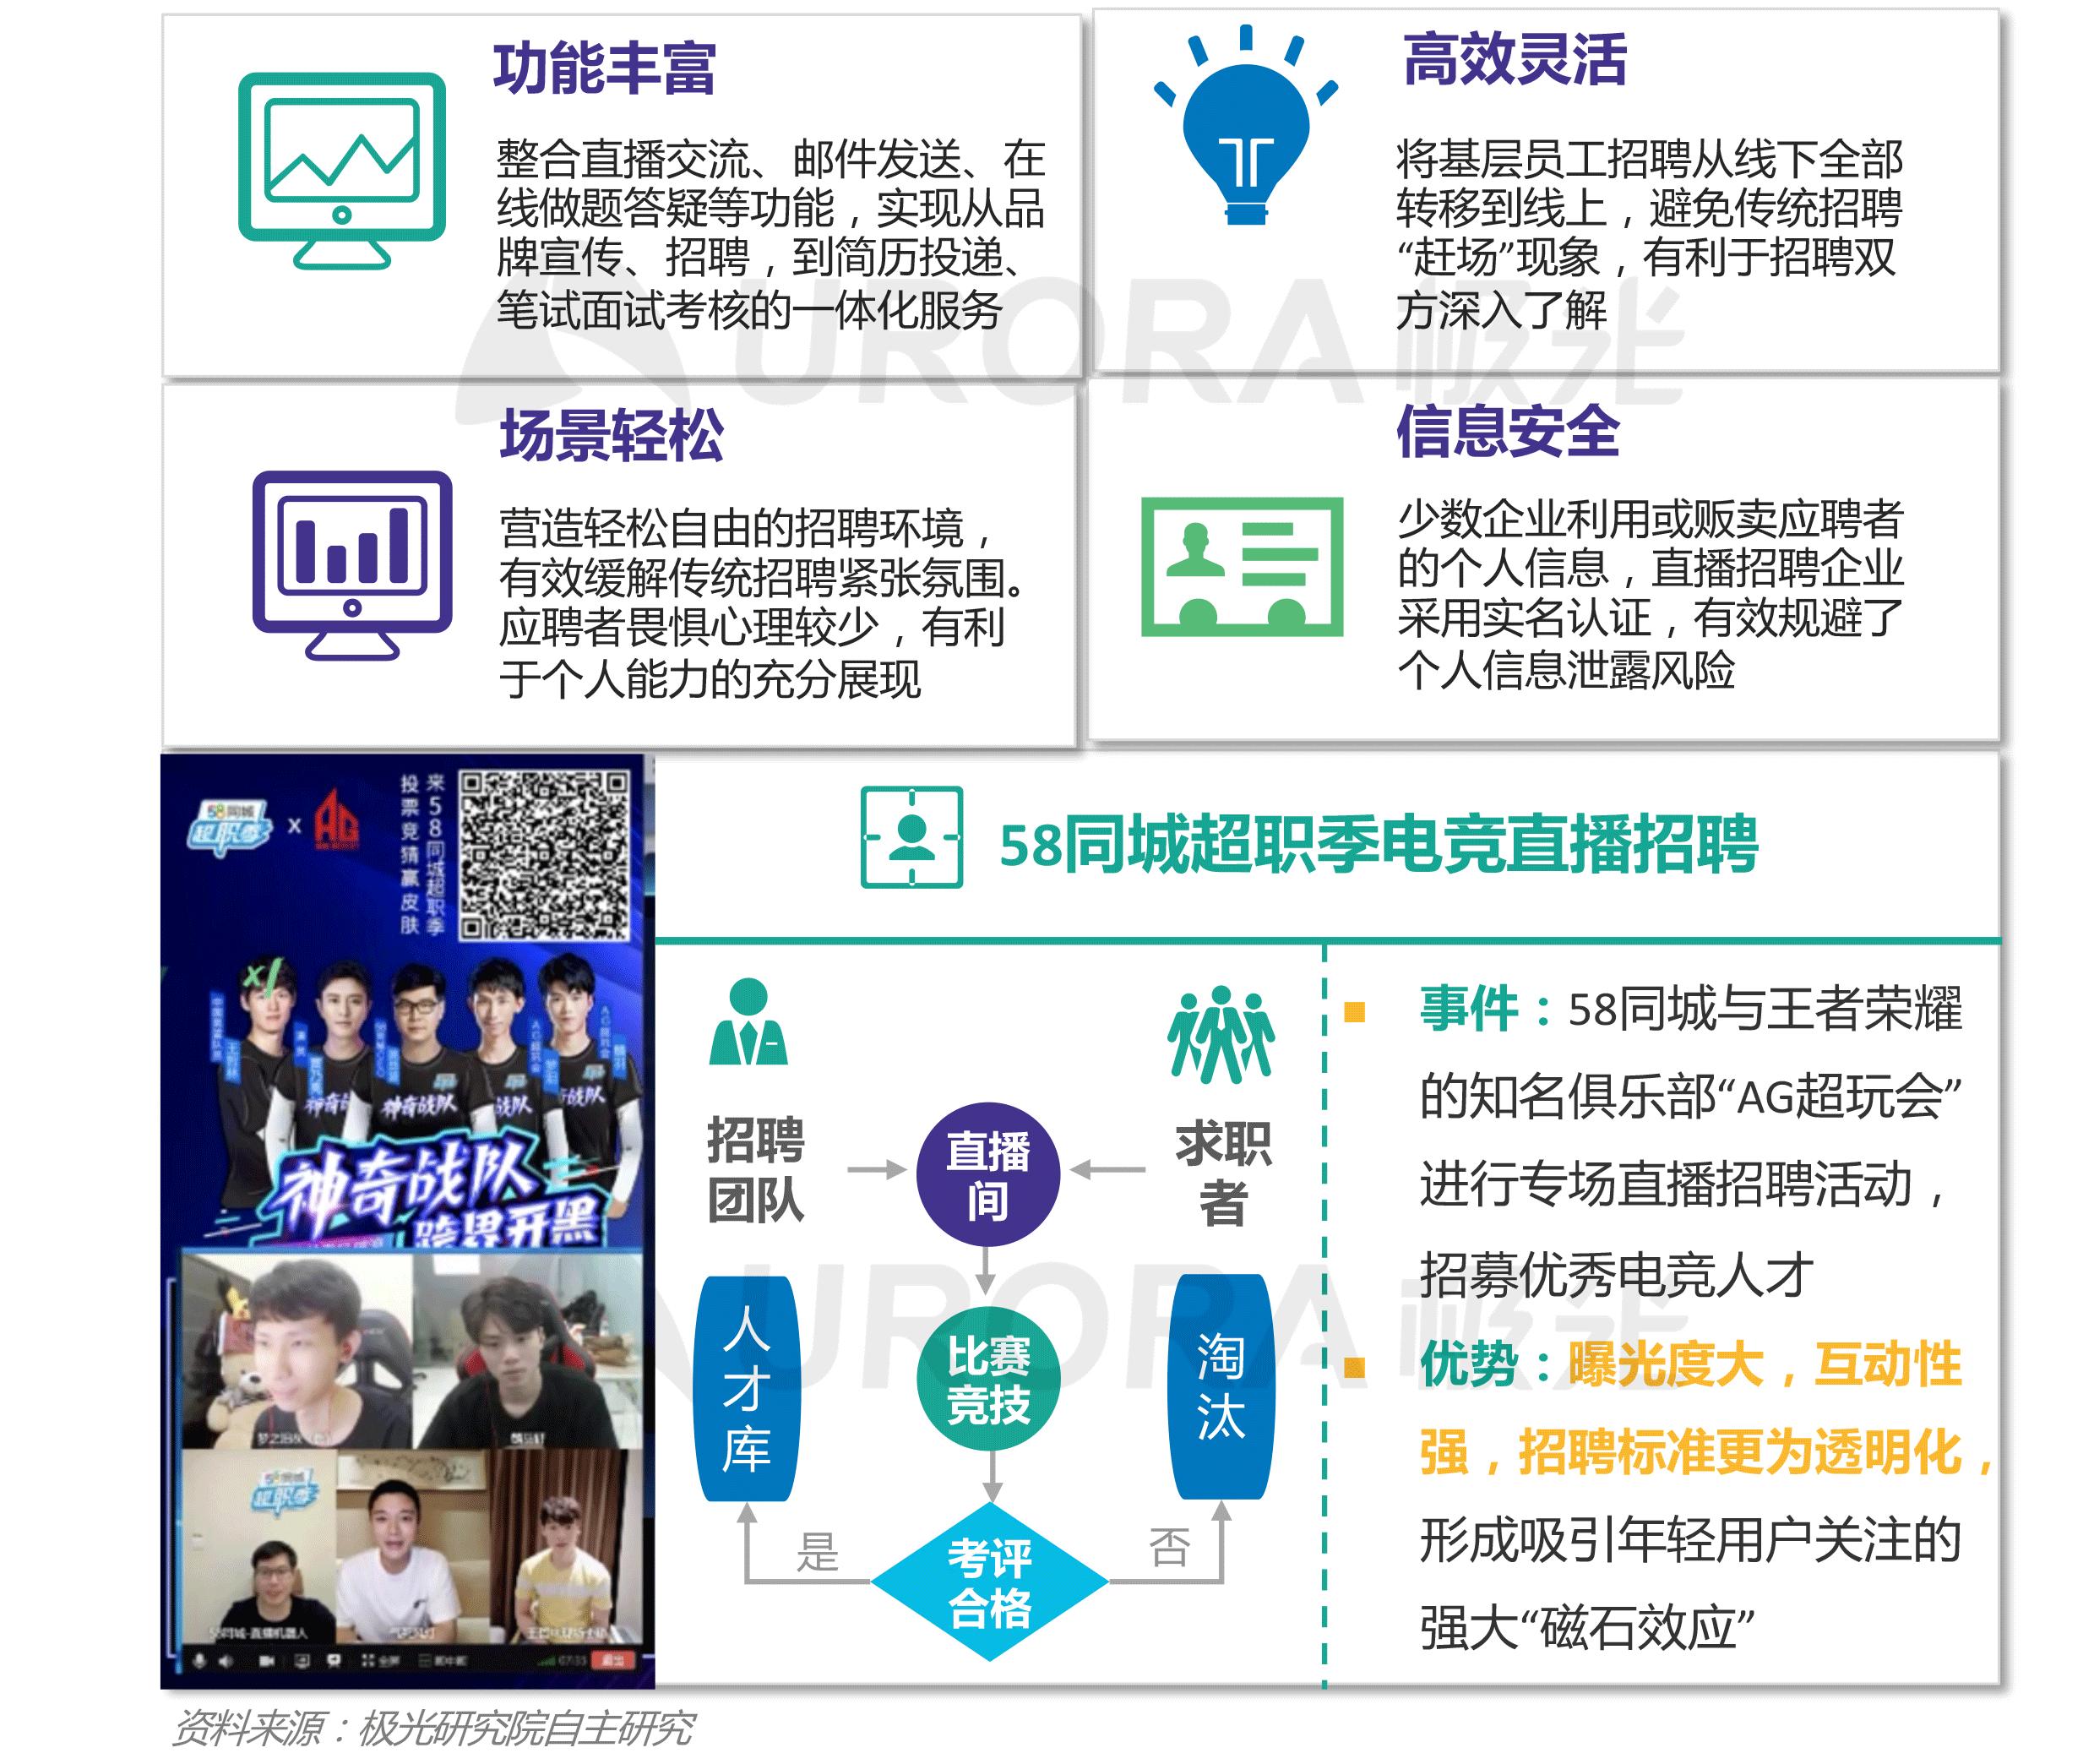 """""""超职季""""招聘行业报告-汇总版 (19).png"""